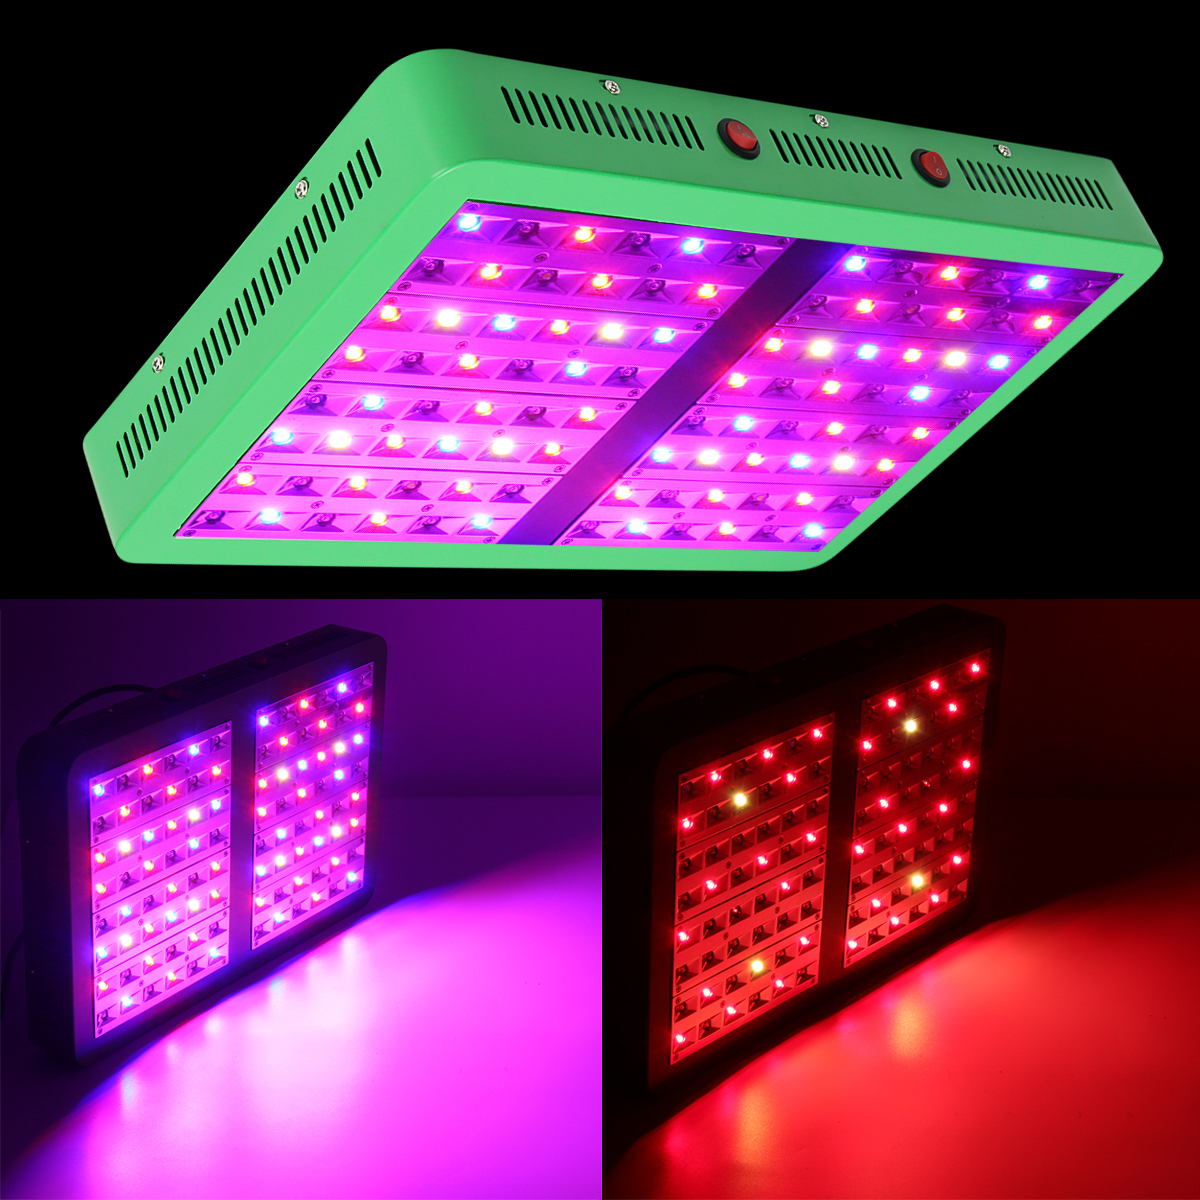 190W LED Grow Light Full Spectrum Veg Flower Indoor Plant Lamp Panel Reflector